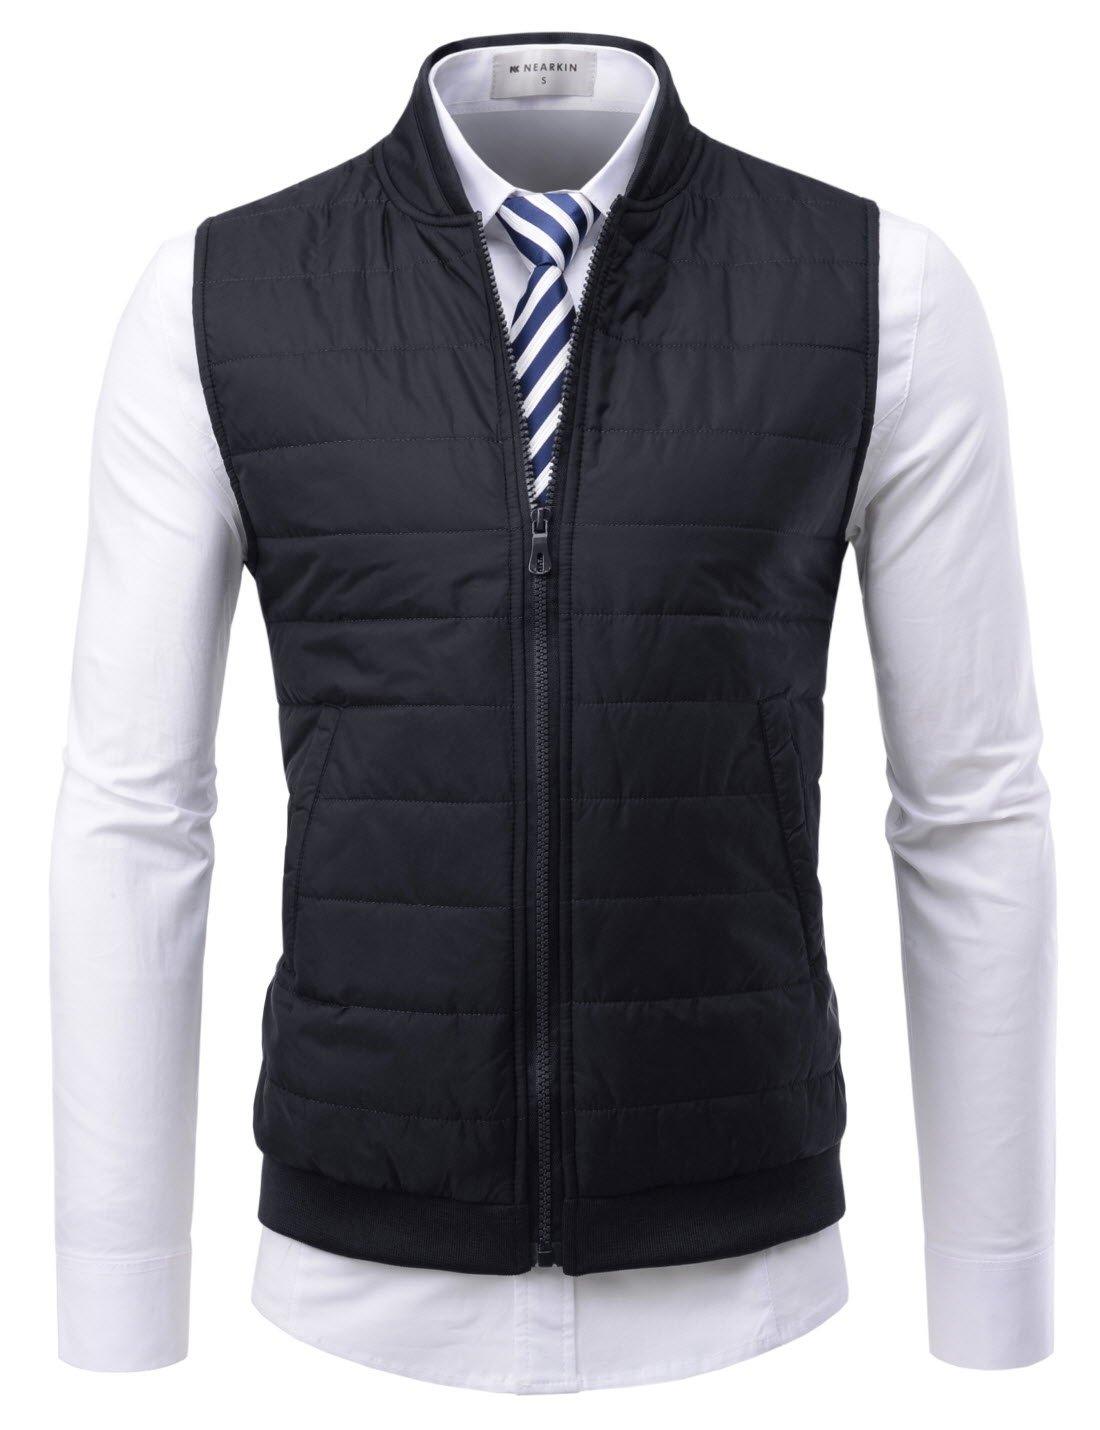 NEARKIN (NKNKPVE2) Mens Daily light warmer Dandy Business Look Zip-up Slim fit Waistcoat BLACK US L(Tag size XL) by NEARKIN